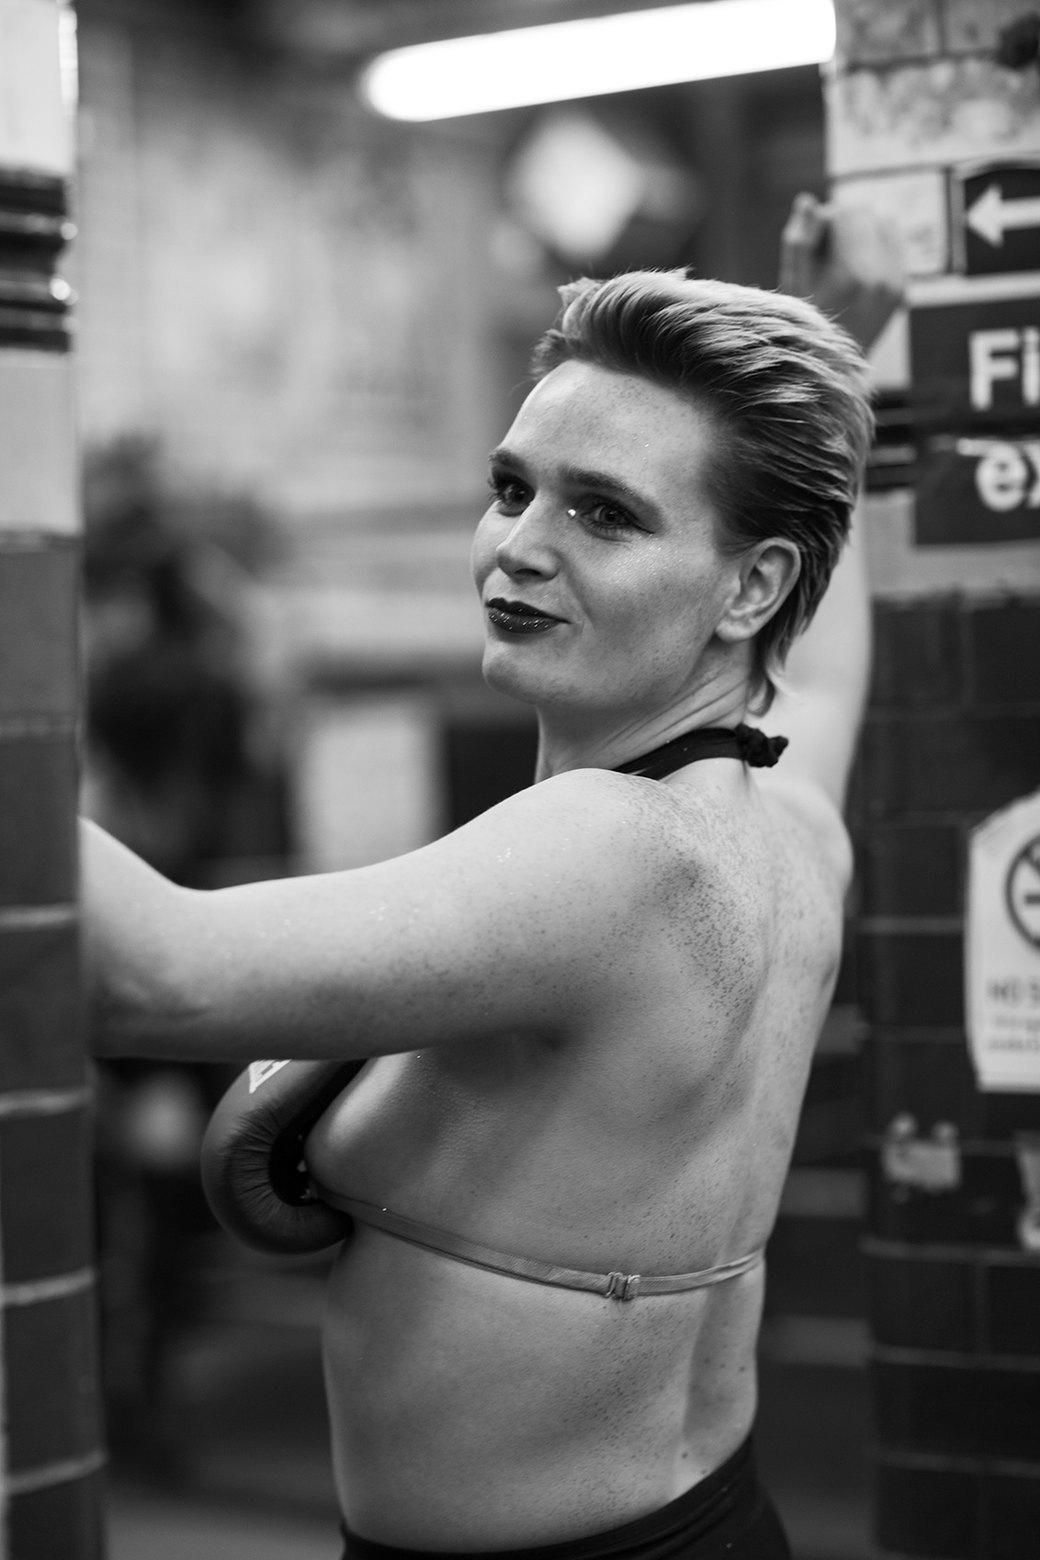 Фотопроект: Трансвеститы оккупируют боксёрский клуб в Лондоне. Изображение № 2.